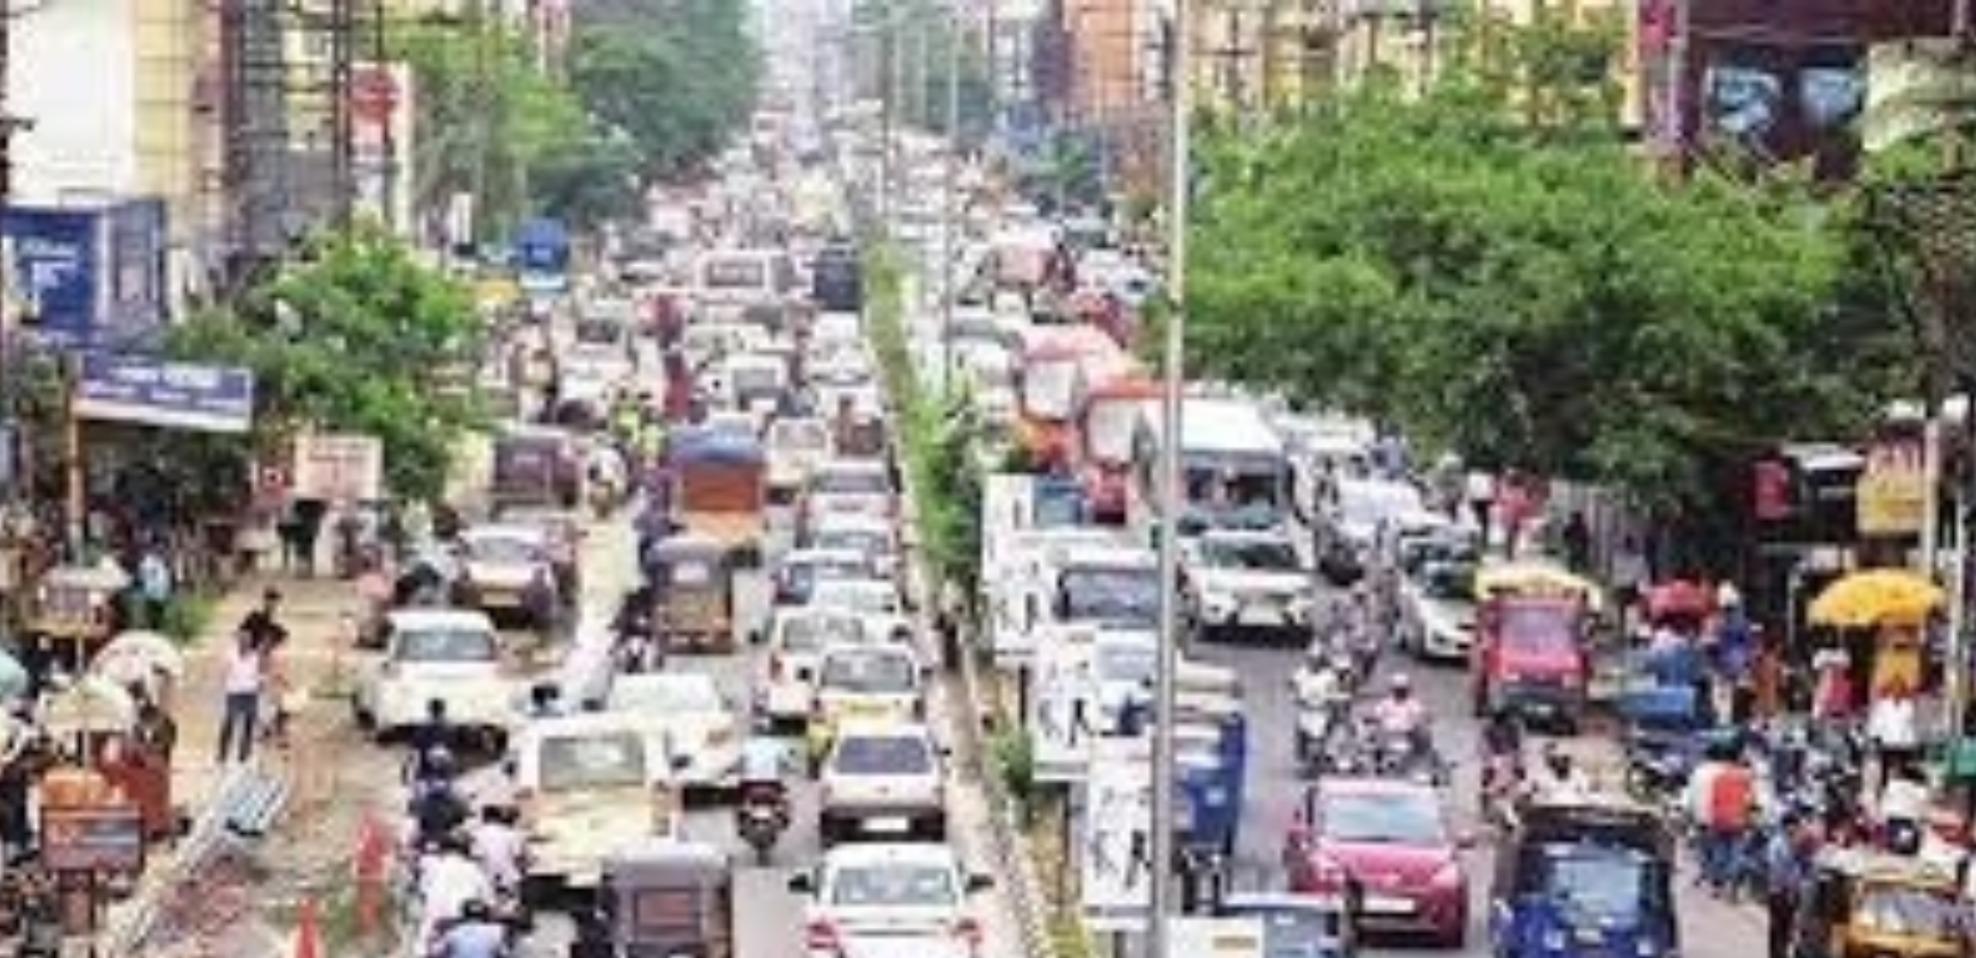 GMC Repair Works at Ambari Road, Unavoidable Traffic Congestion